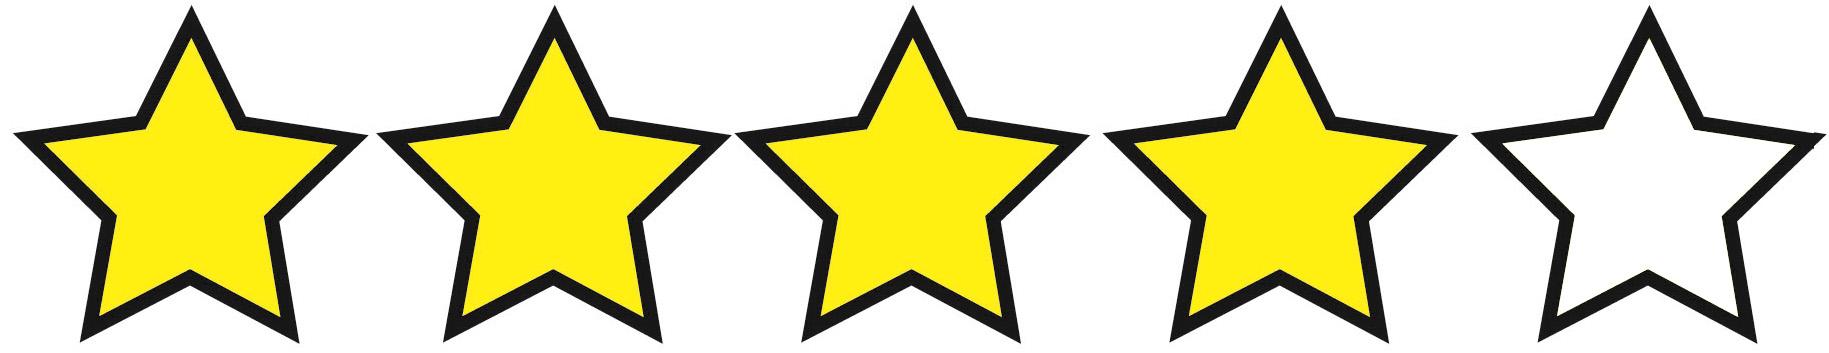 Risultati immagini per 4 stelle su cinque